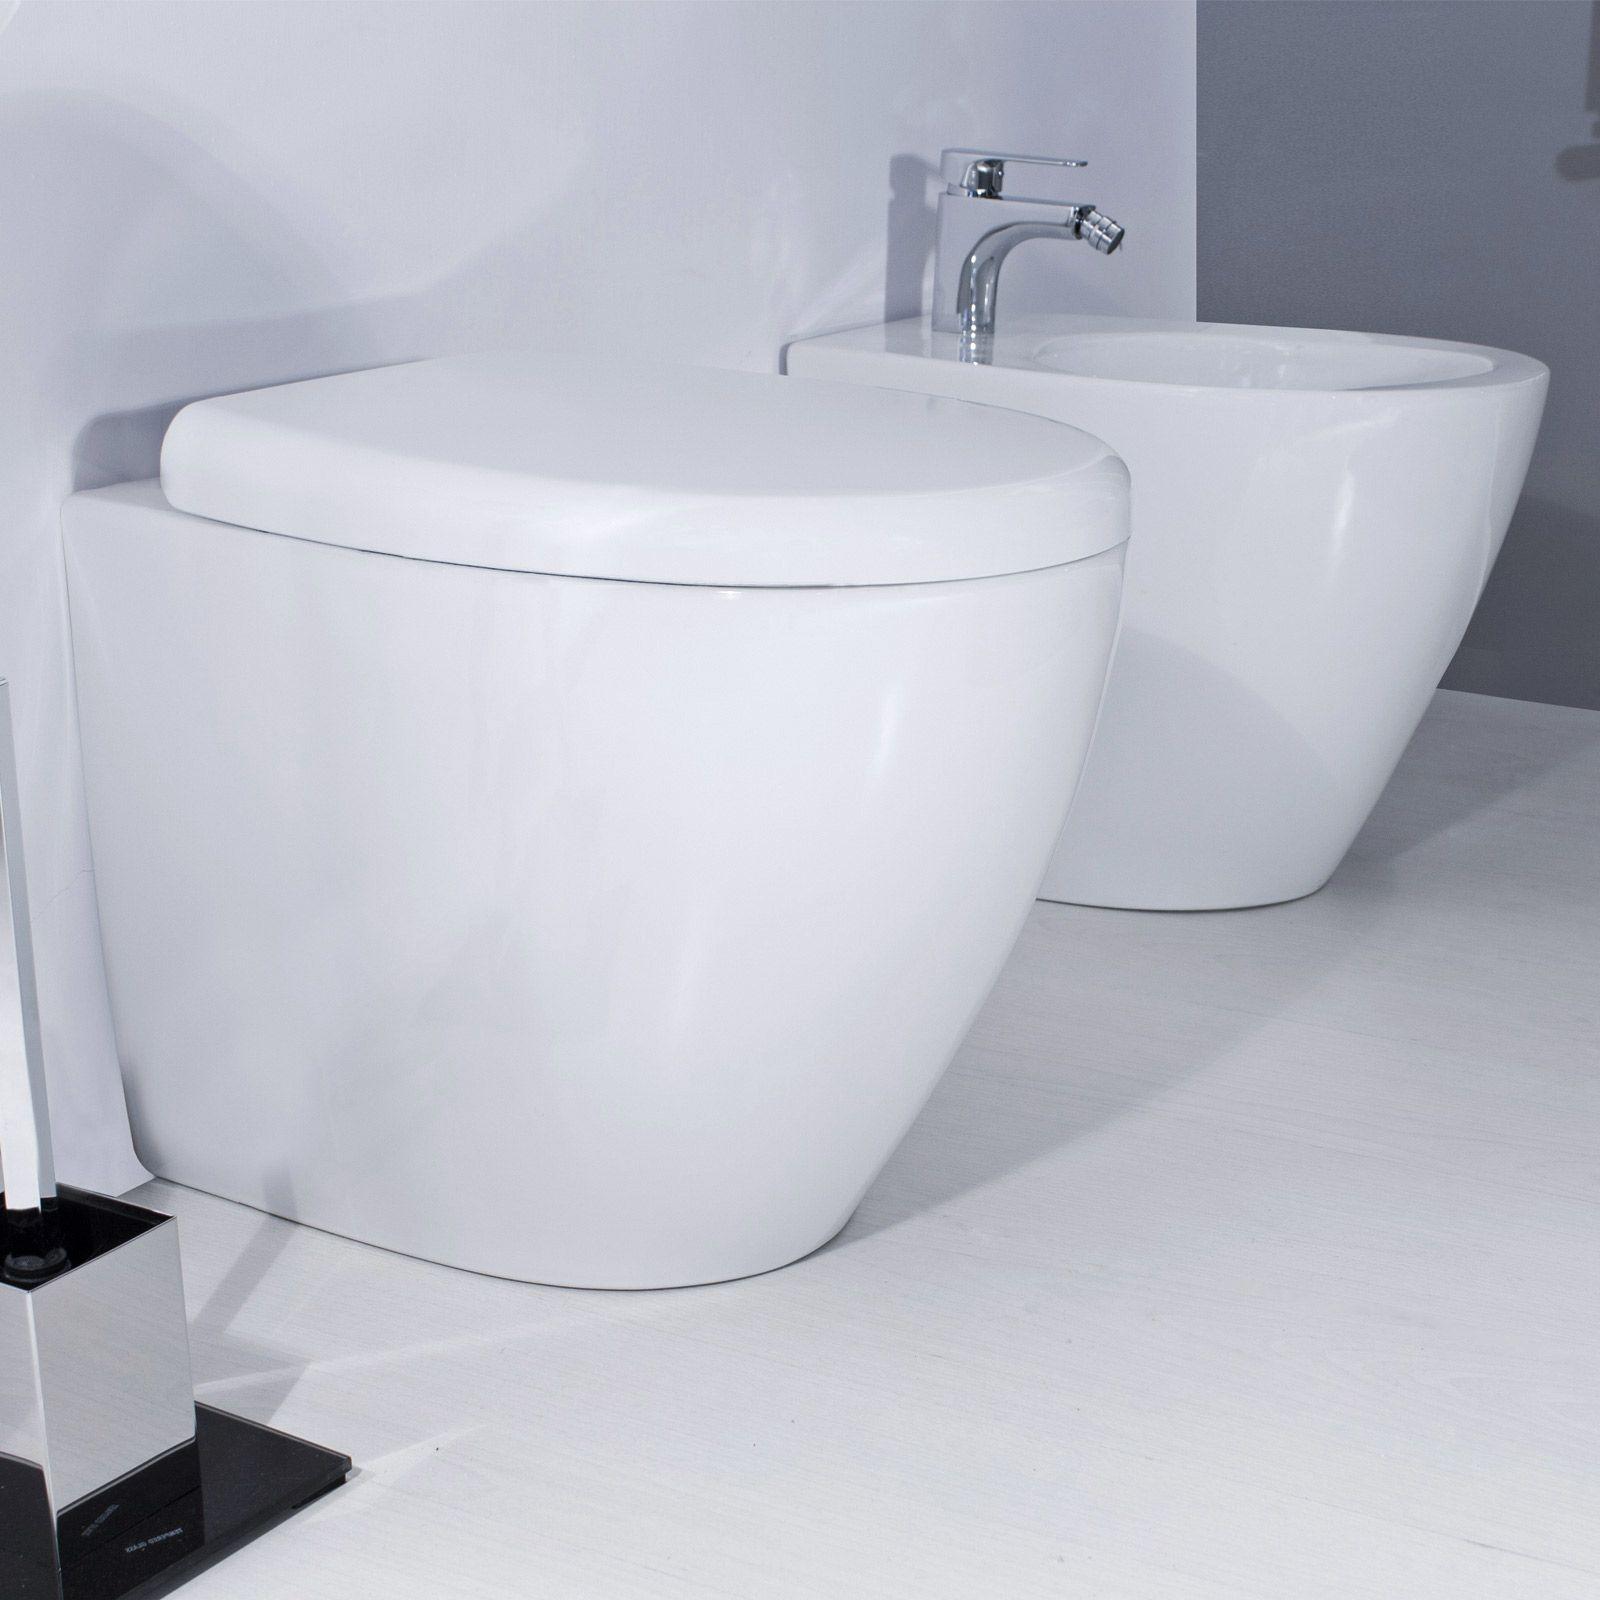 Ceramica Sanitaria Del Mediterraneo.Sanitari Filo Muro In Ceramica Wc E Bidet Dal Design Moderno